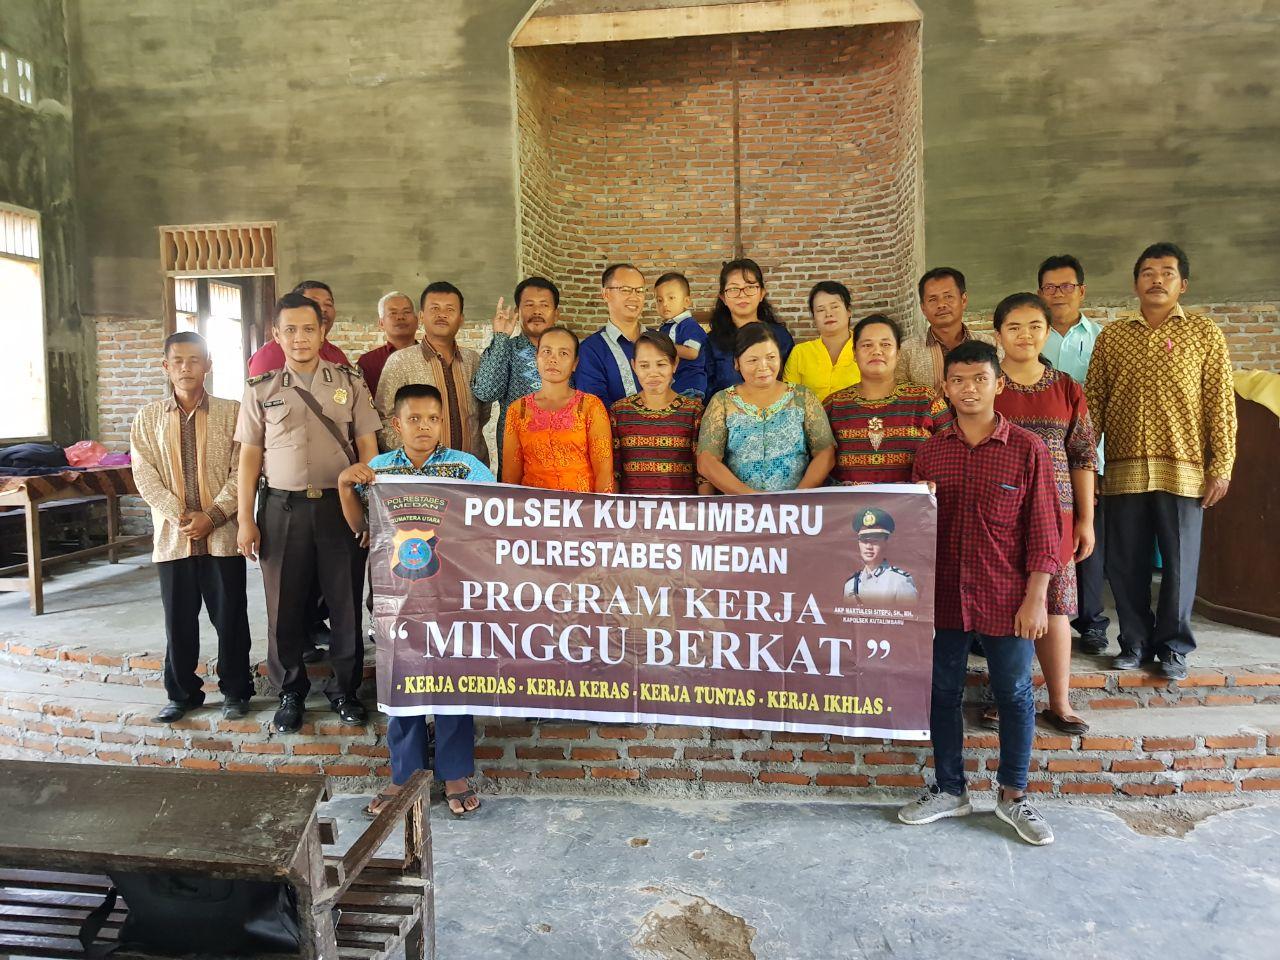 Kapolsek Kutalimbaru Ajak Masyarakat Beribadah Bersama